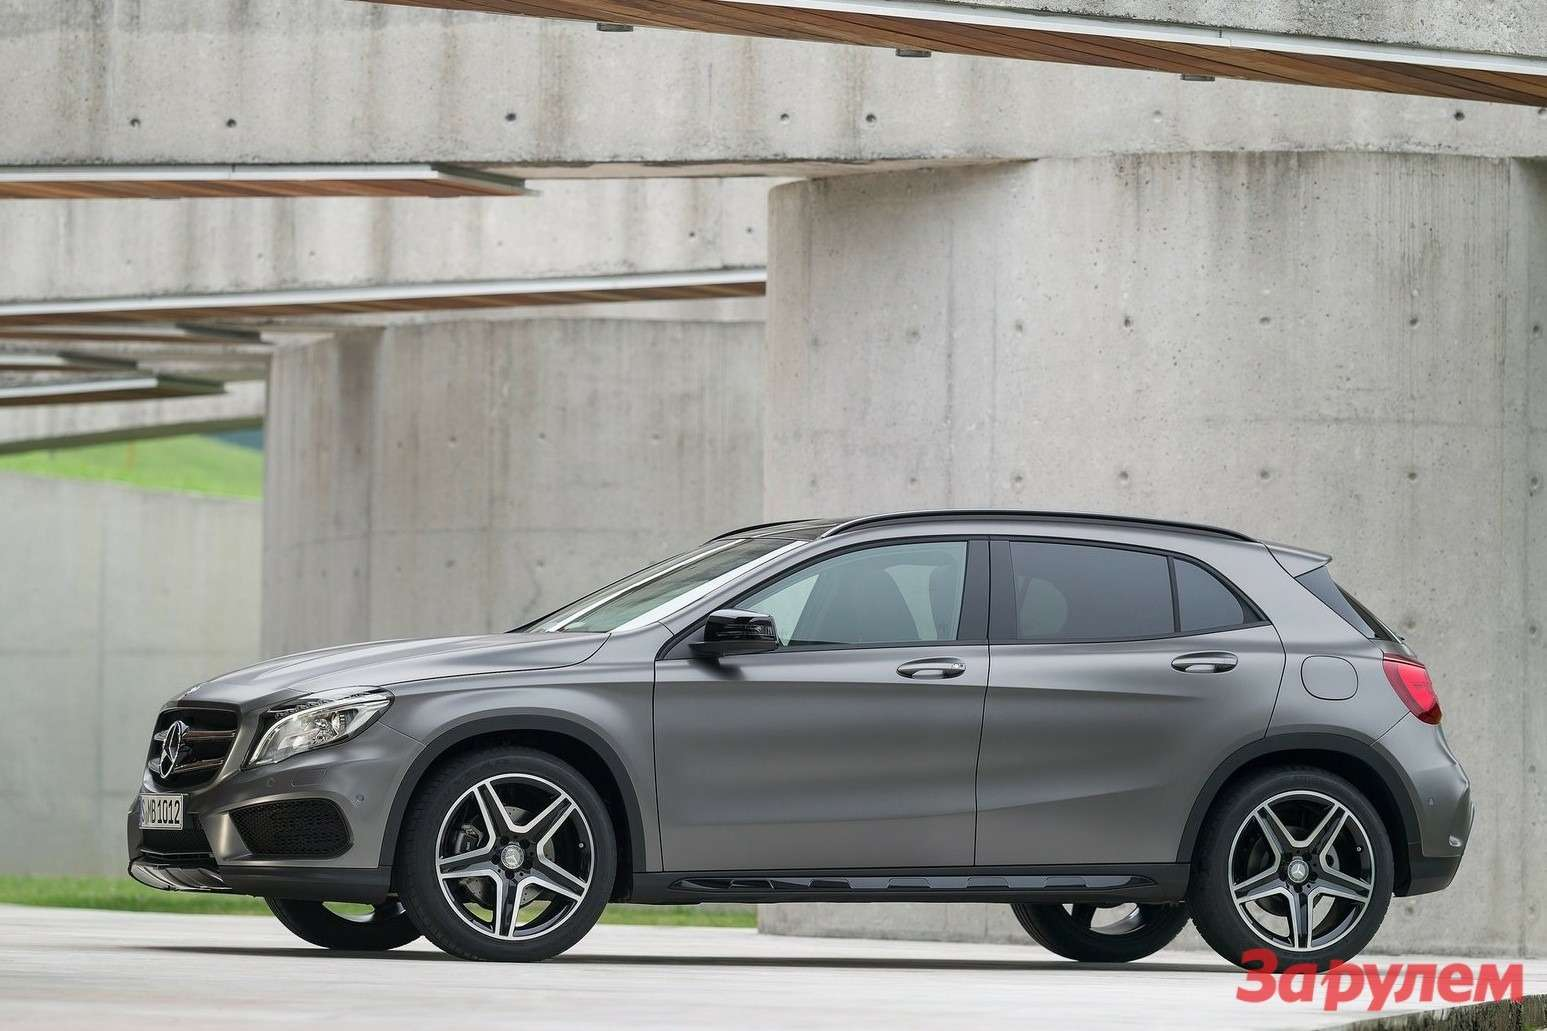 Mercedes Benz GLA Class 2015 1600x1200 wallpaper 0d